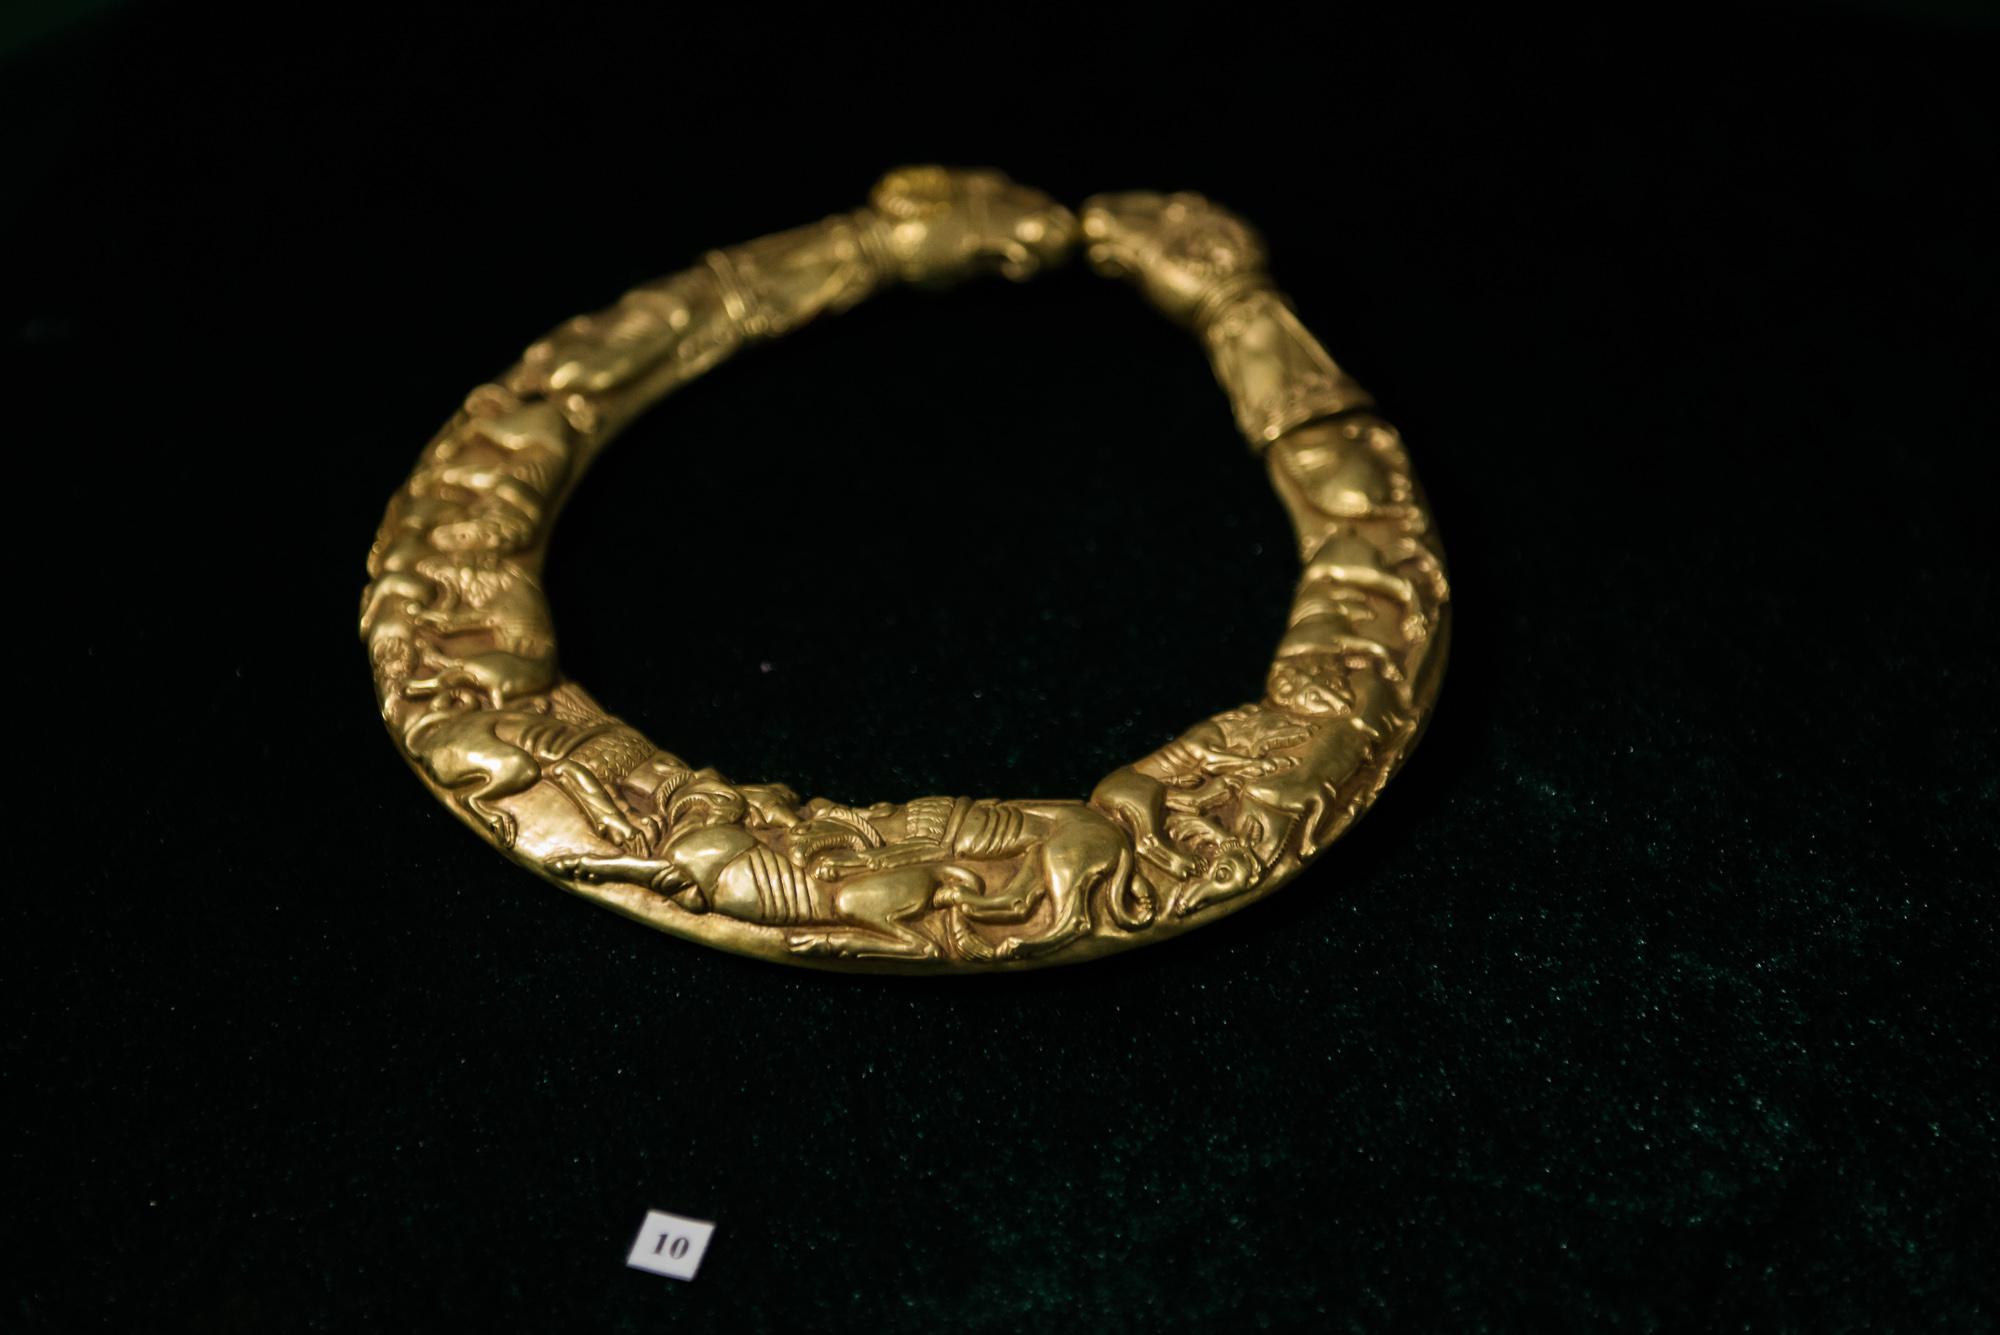 DSC 4529 Молчание золота